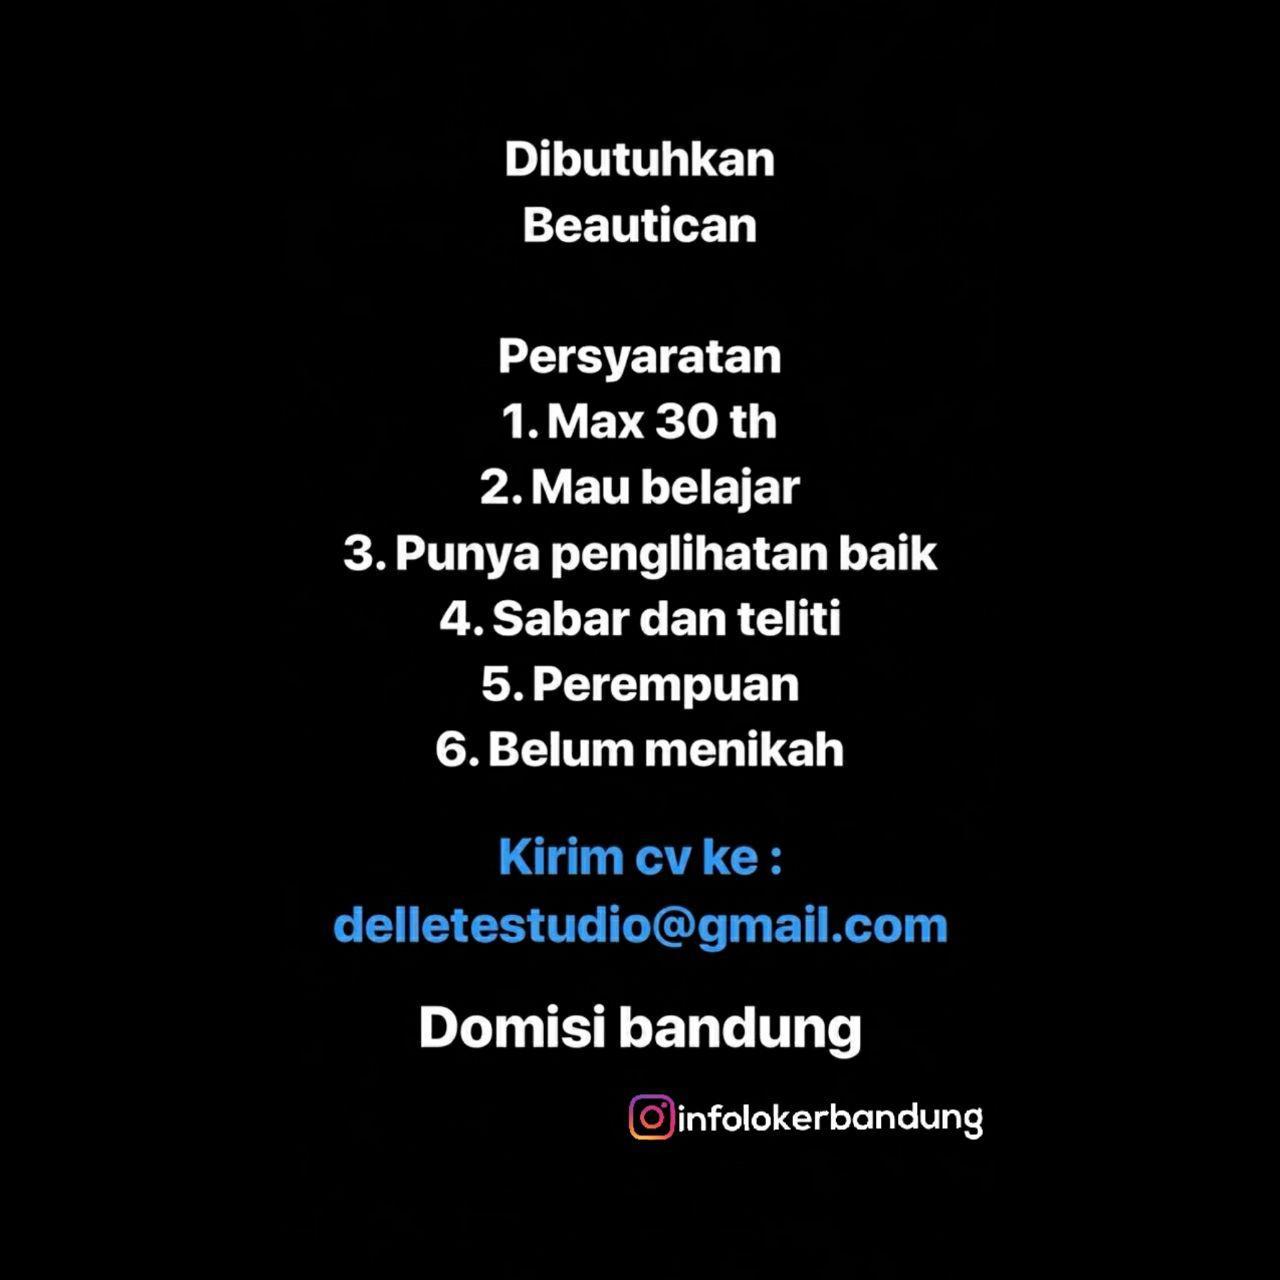 Lowongan Kerja Beautycian Dellete Studio Bandung Oktober 2018